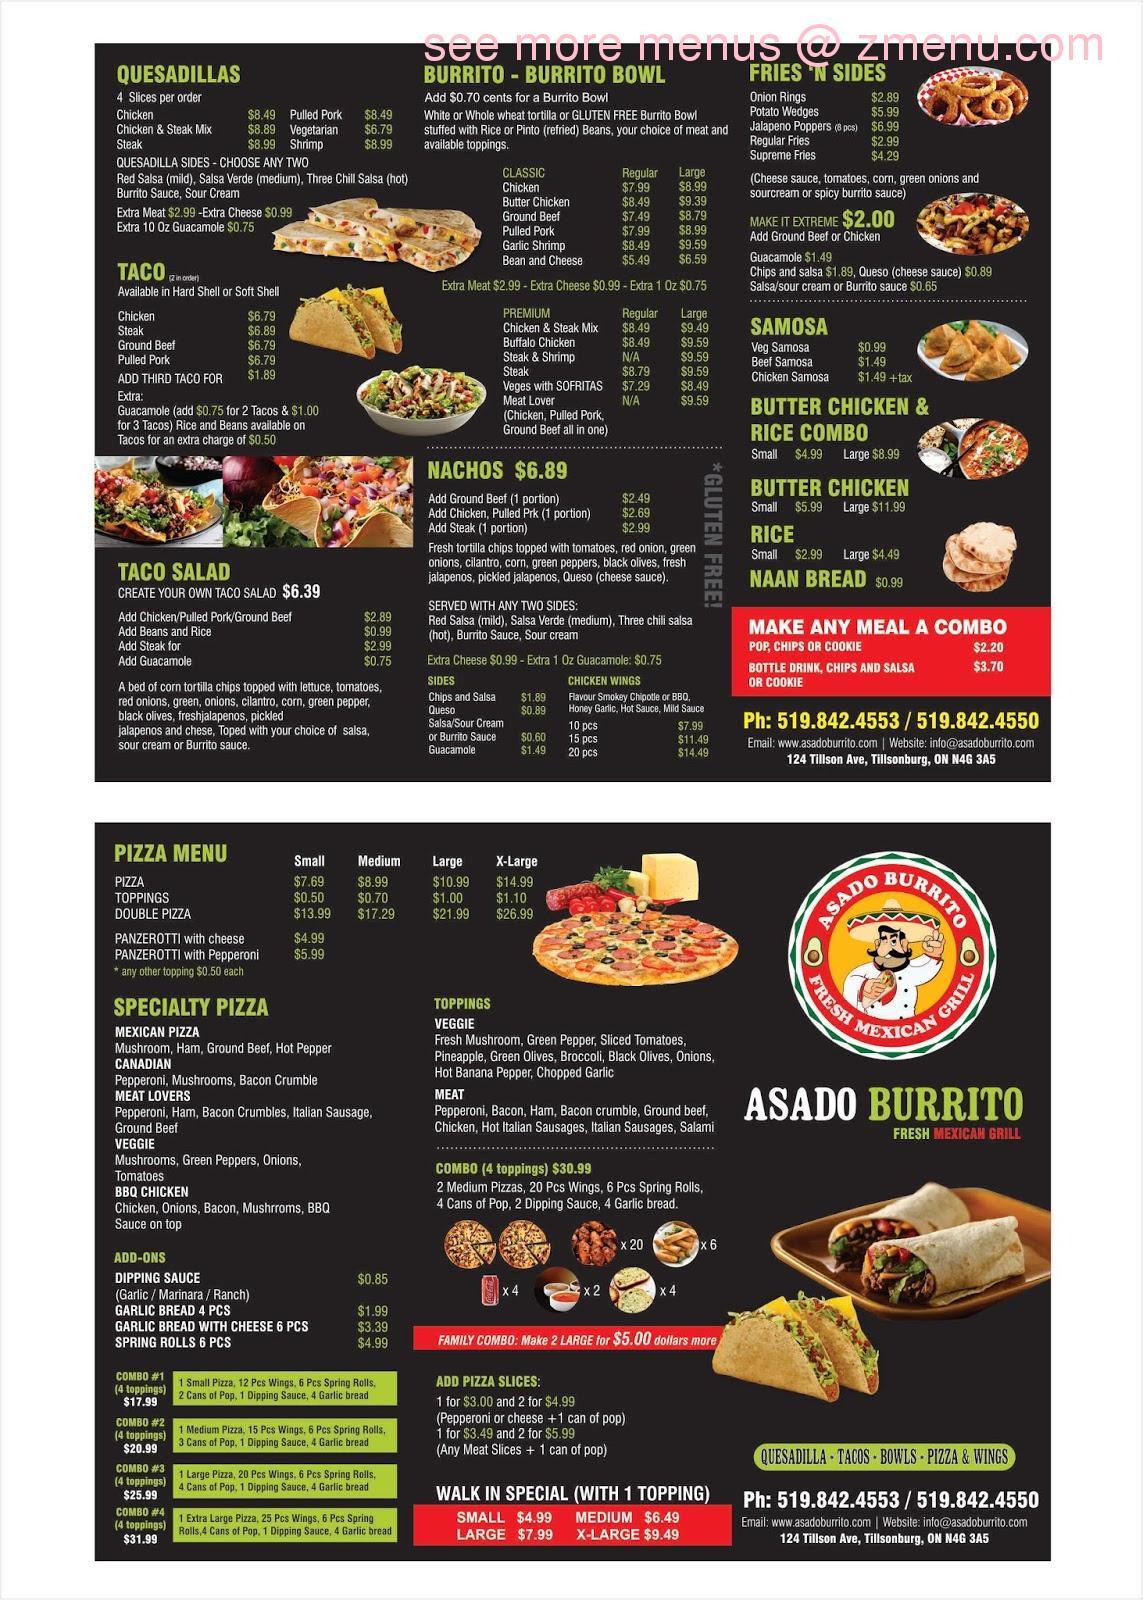 Online Menu Of Asado Burrito Pizza Restaurant Tillsonburg Ontario N4g 3a5 Zmenu